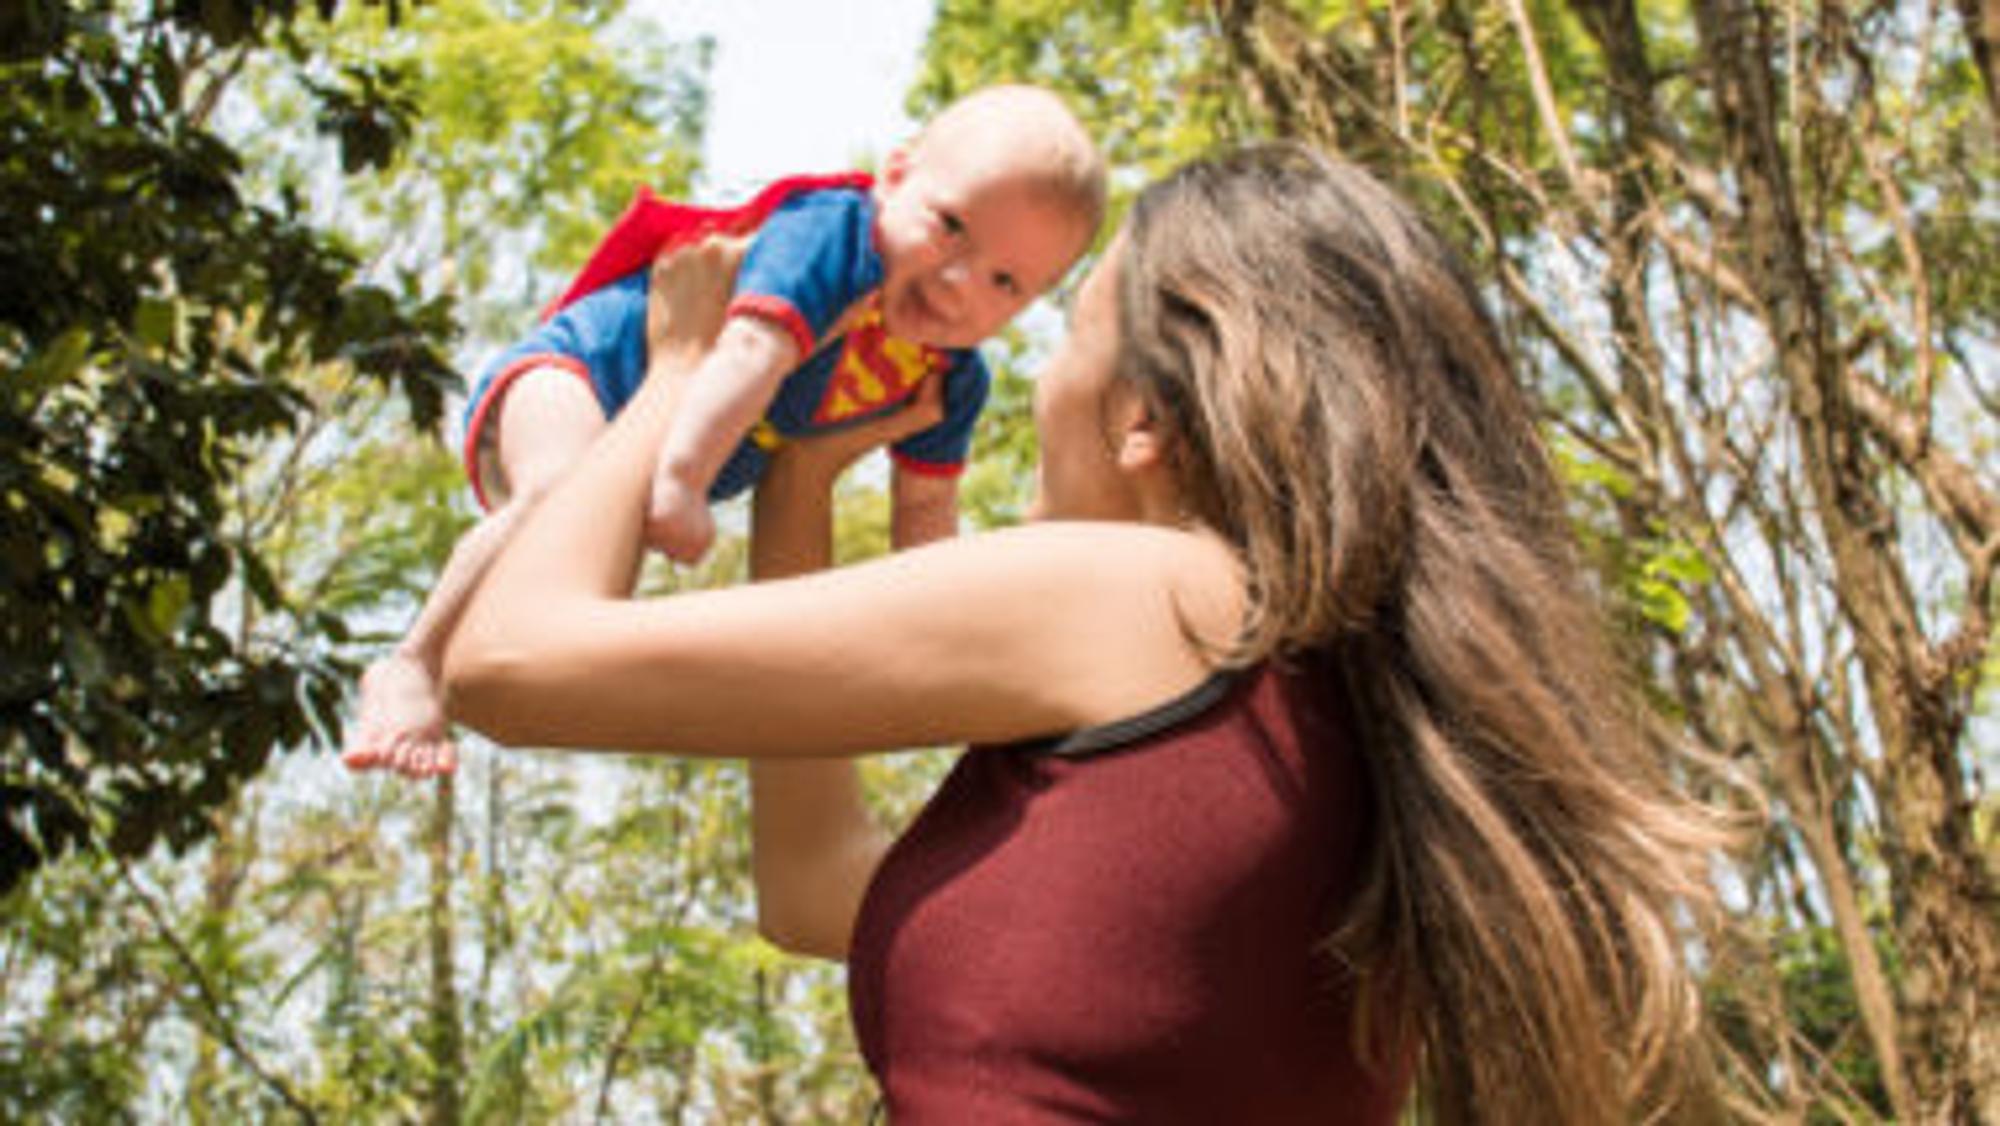 Mutter hebt ihr Kind im Superman-Strapler hoch